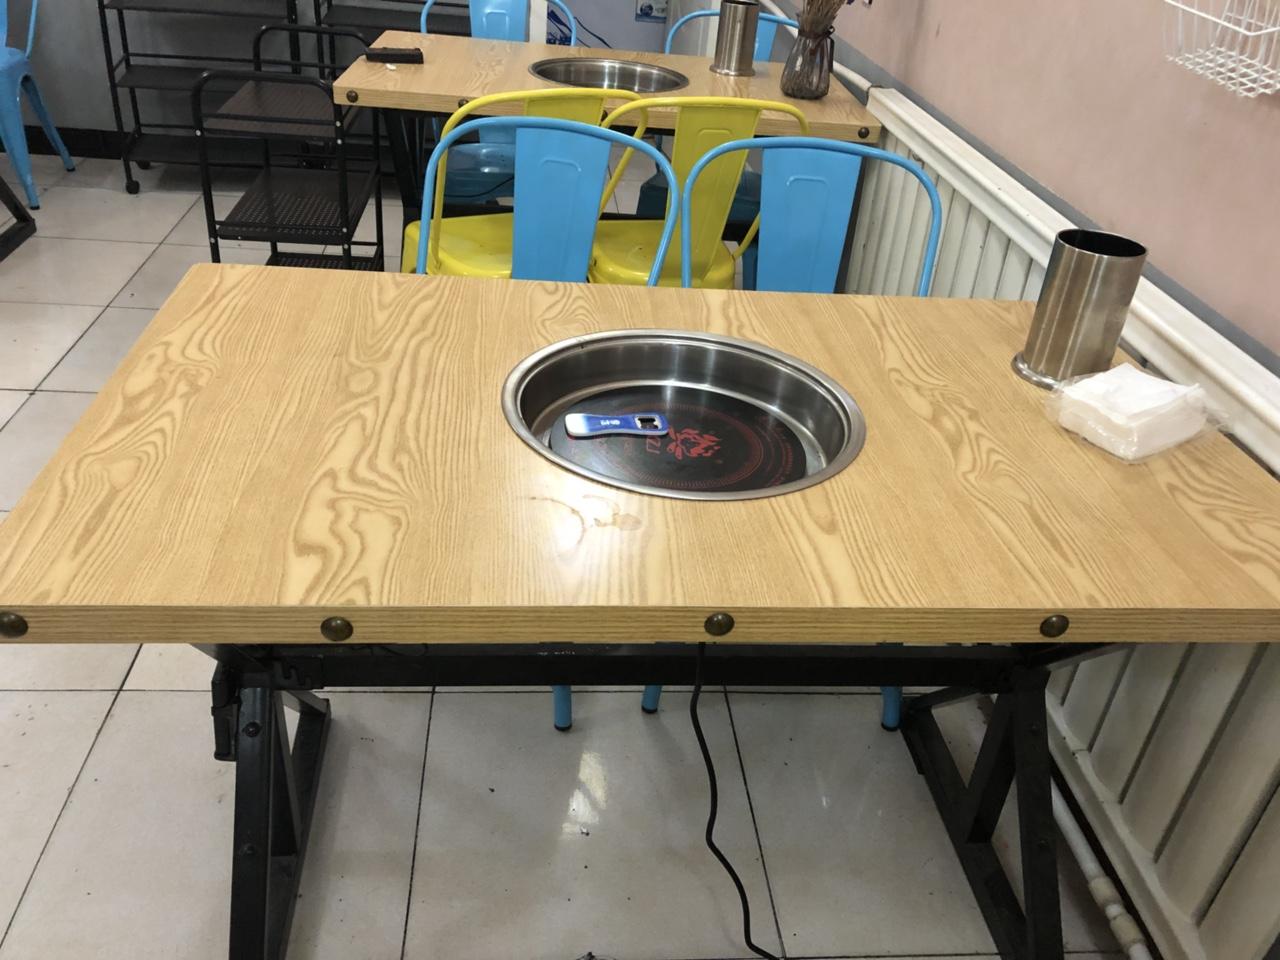 火锅桌子,可带电磁炉?#37096;?#19981;带,几乎全新,低价出售